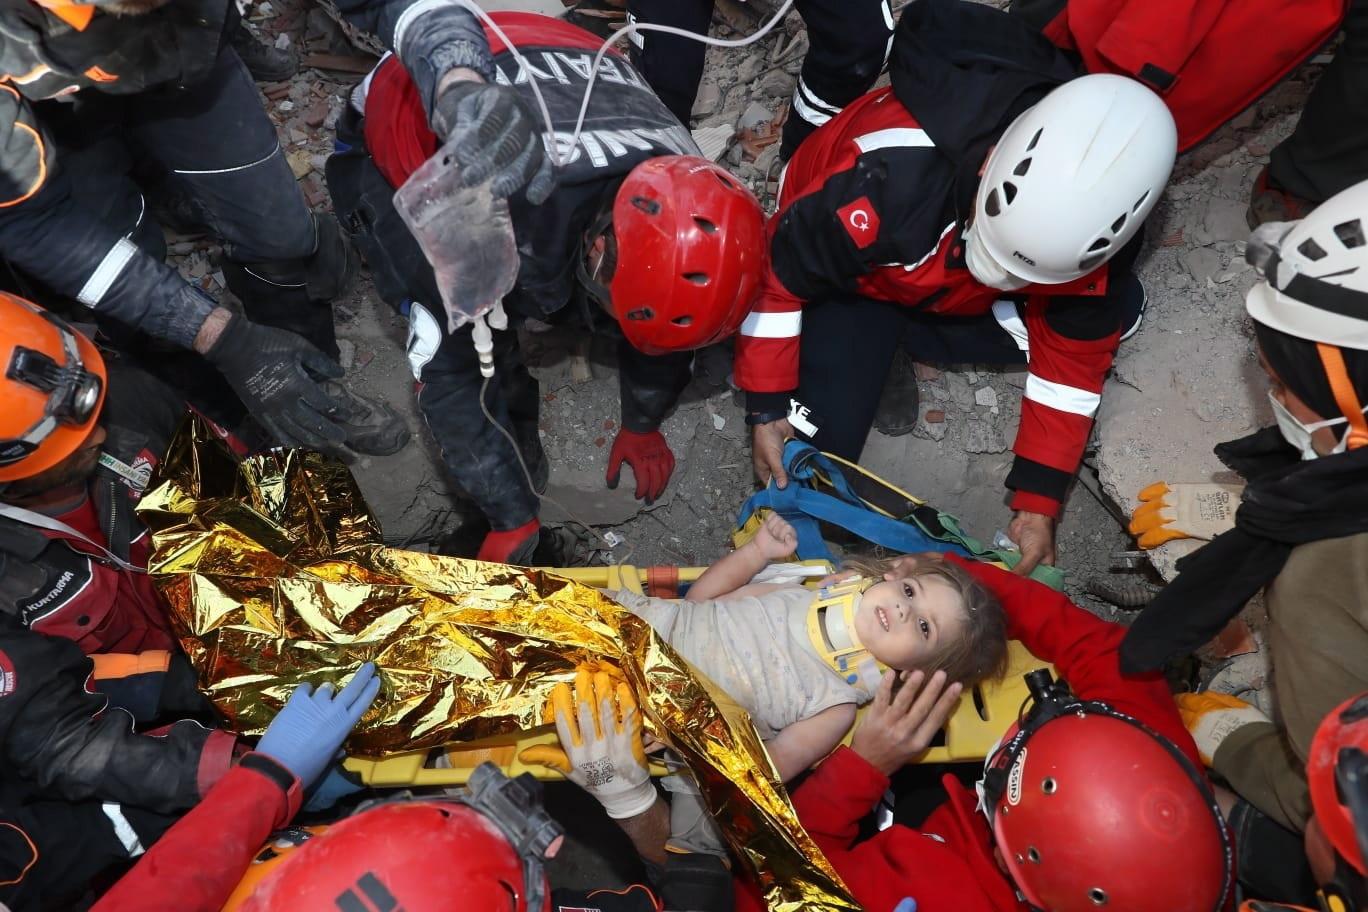 Niña rescatada en el terremoto de Turquia